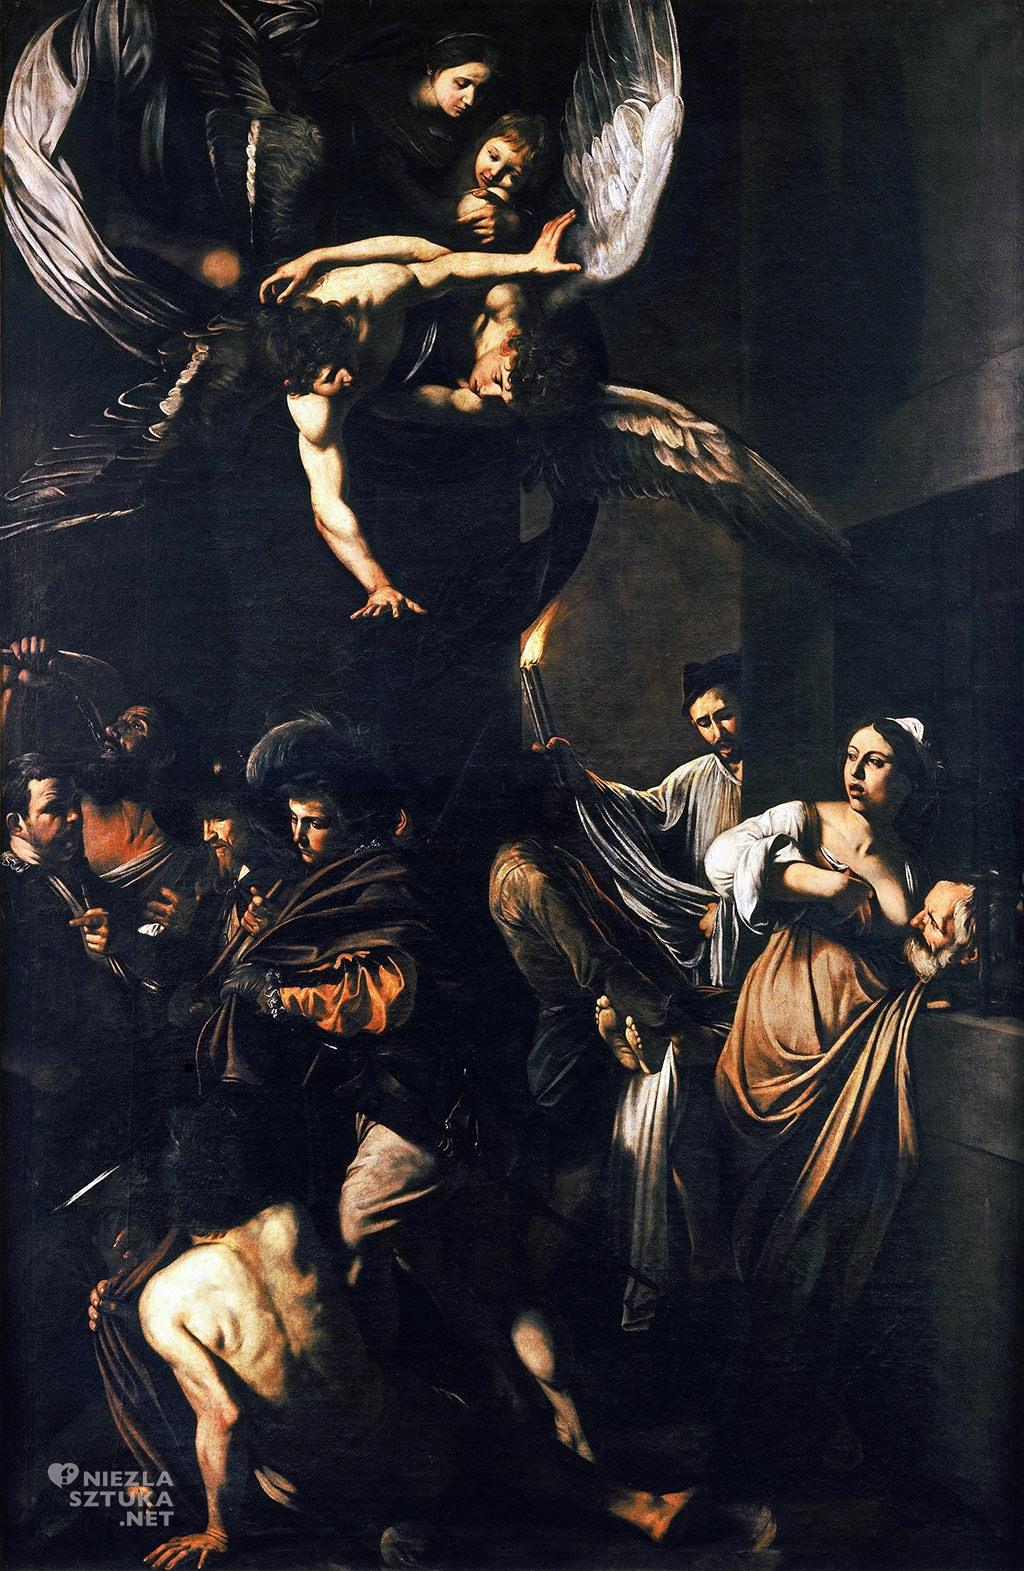 Caravaggio, Siedem uczynków miłosierdzia, malarstwo religijne, Niezła Sztuka